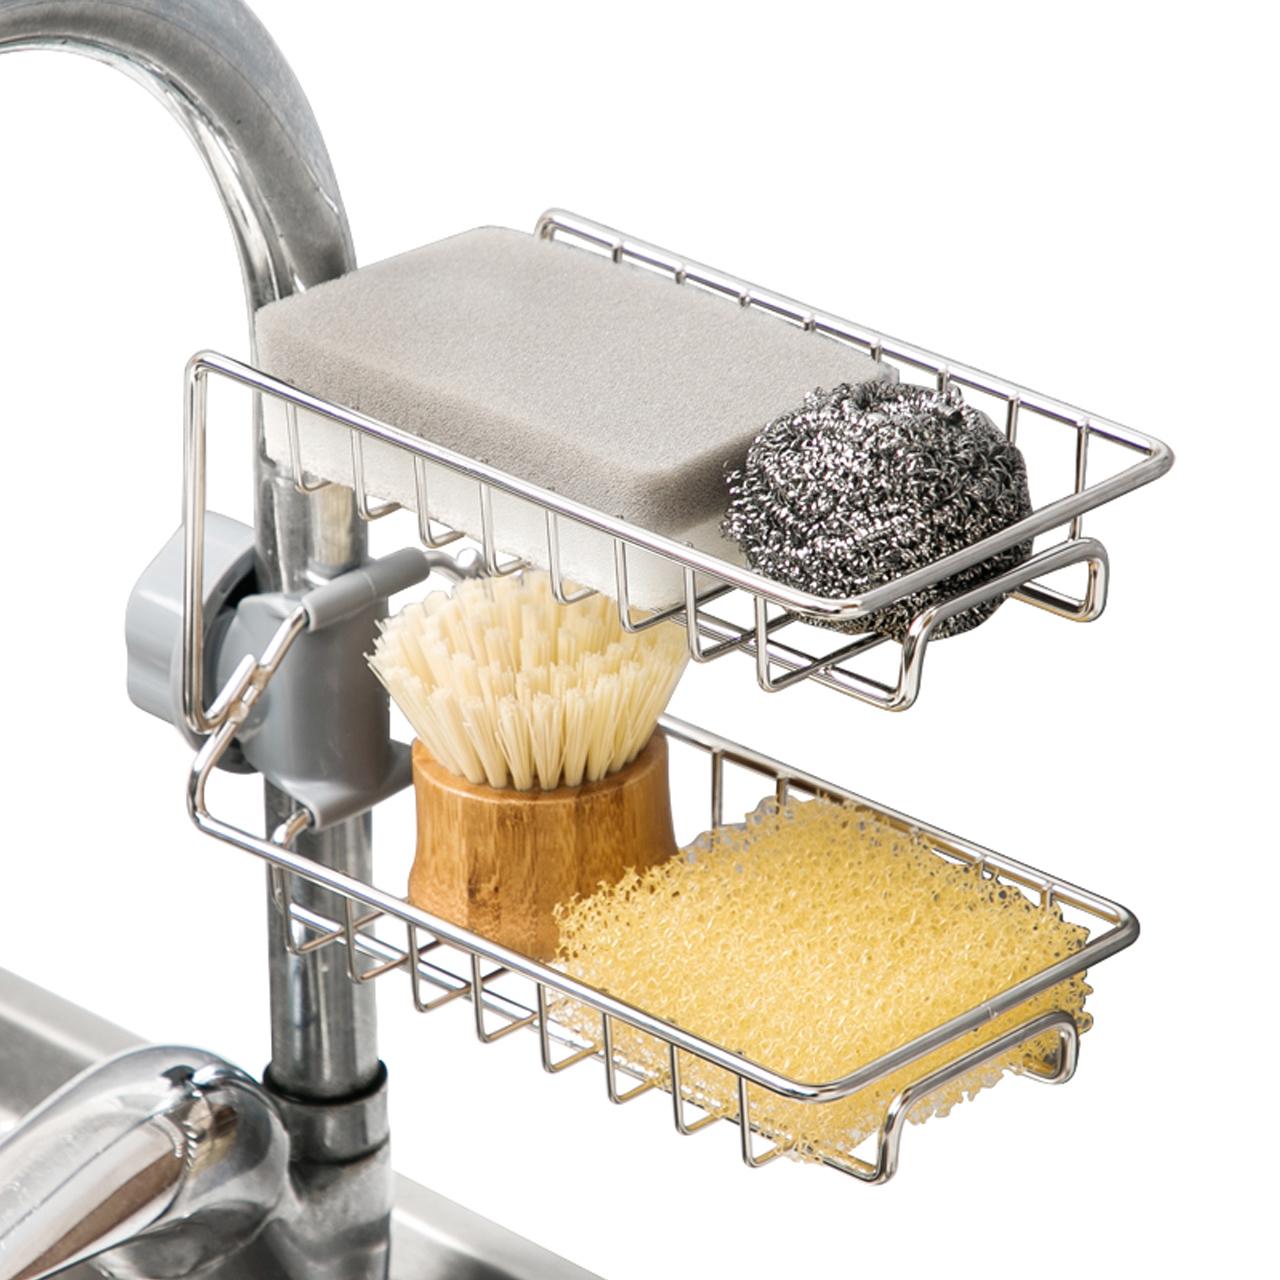 厨房收纳架抹布架子不锈钢水龙头置物架挂海绵沥水架水槽收纳神器